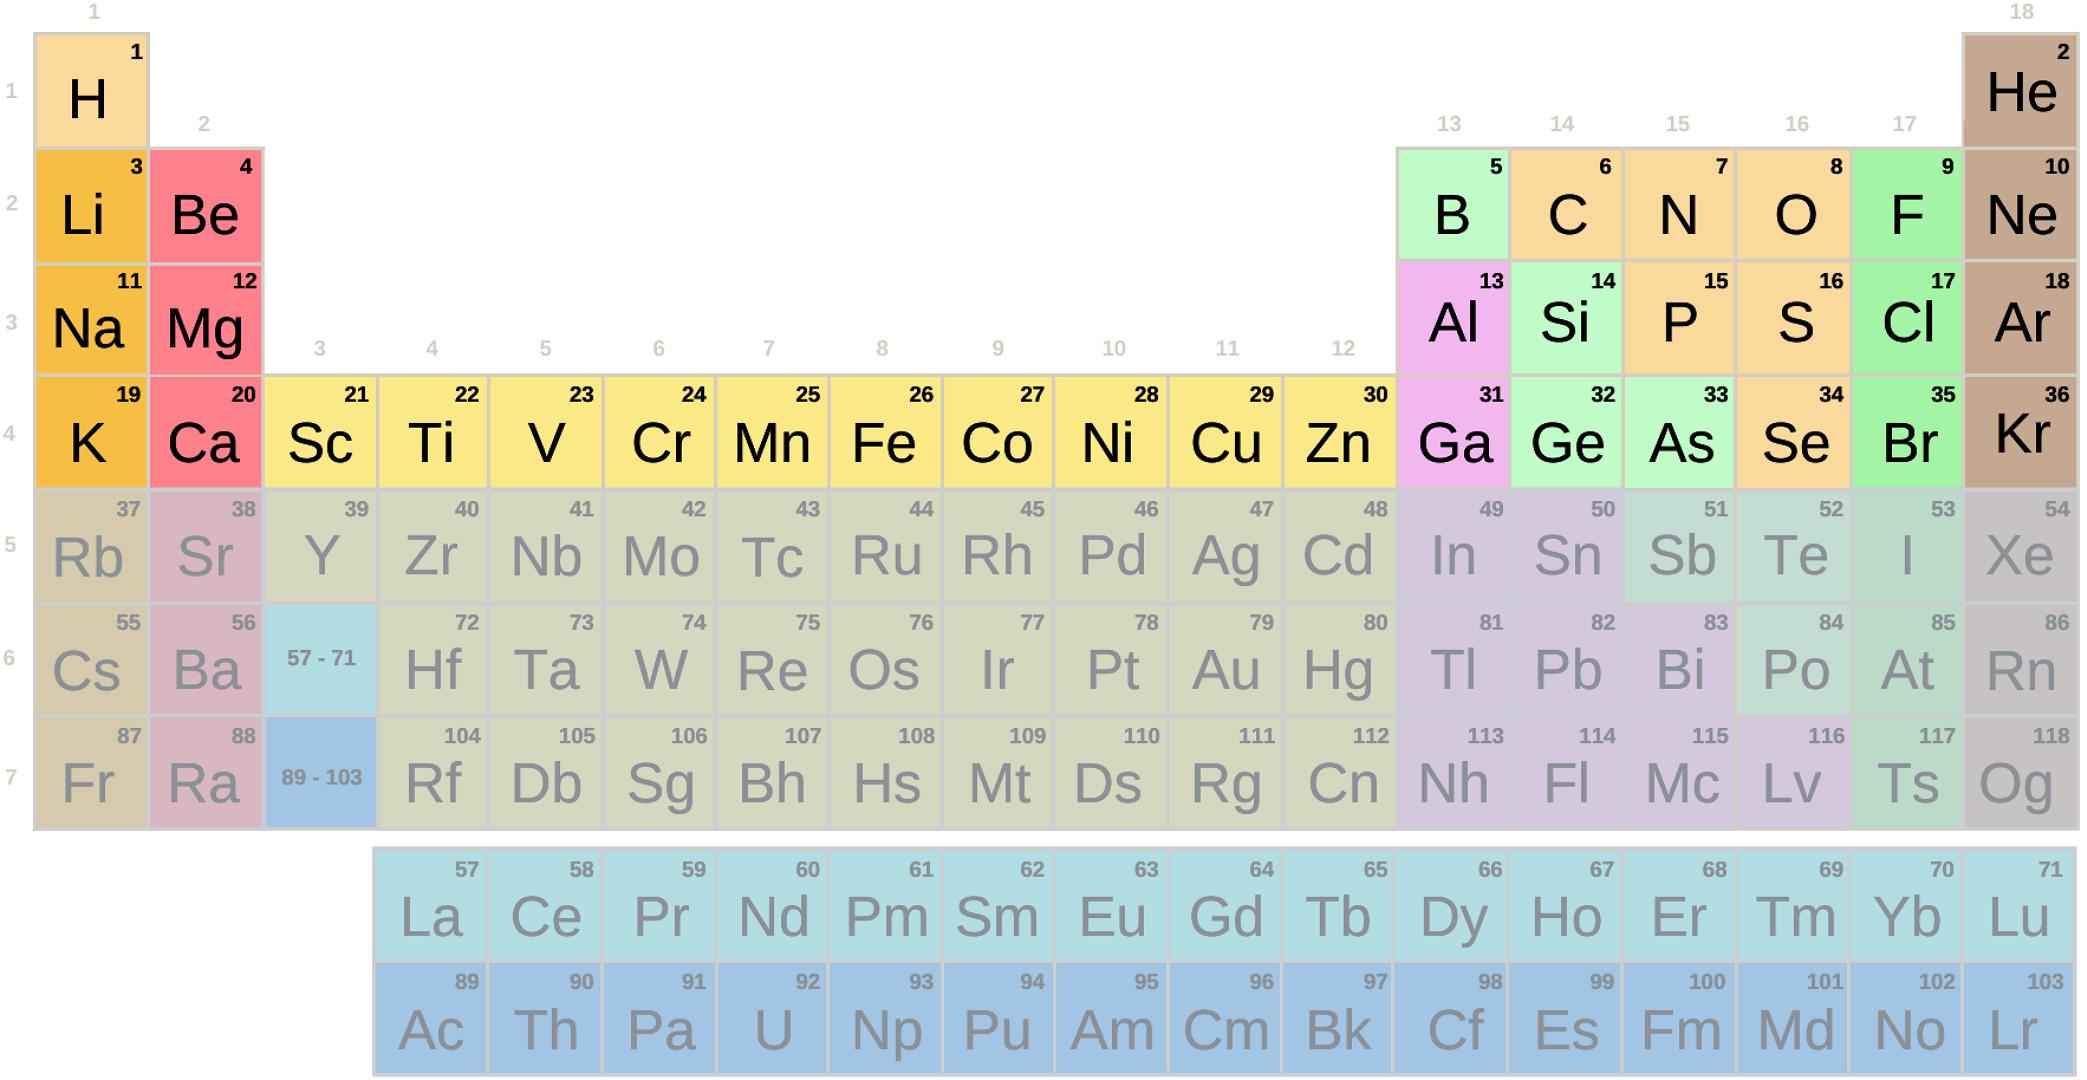 Tabela periódica, períodos 1 a 4 com símbolos (difícil)